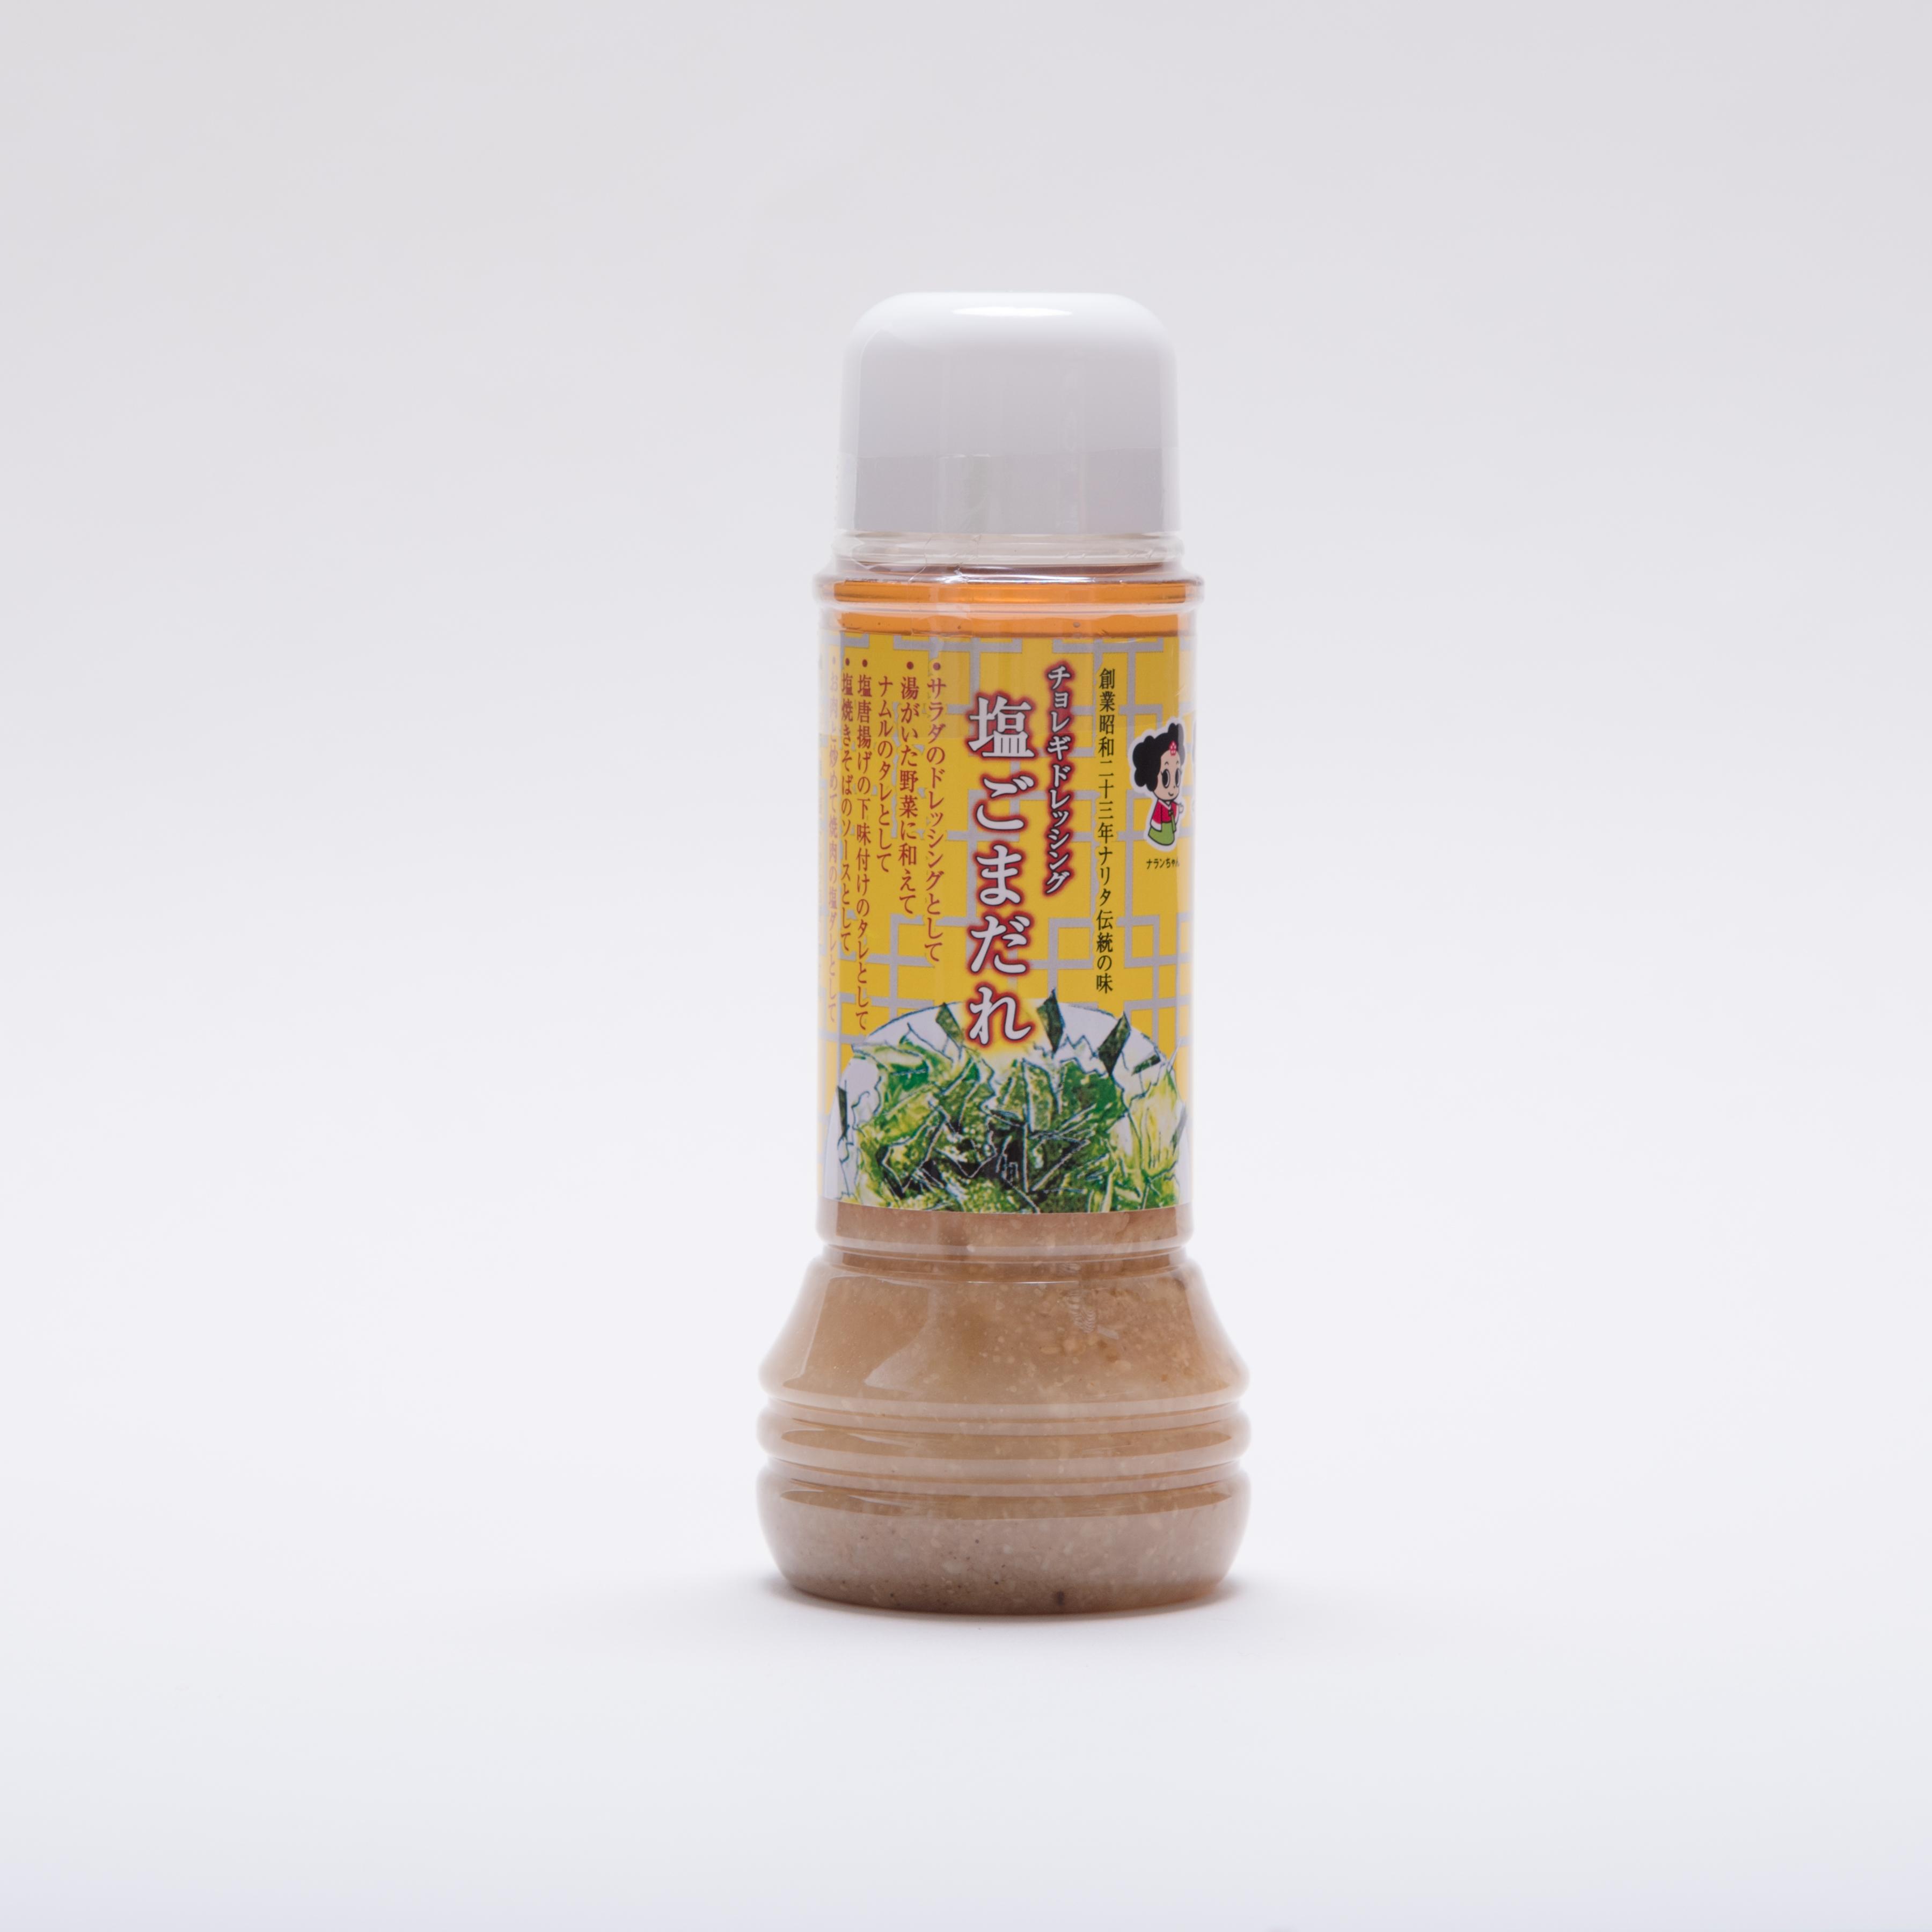 塩ゴマドレッシング【ナリタドレッシングシリーズ】